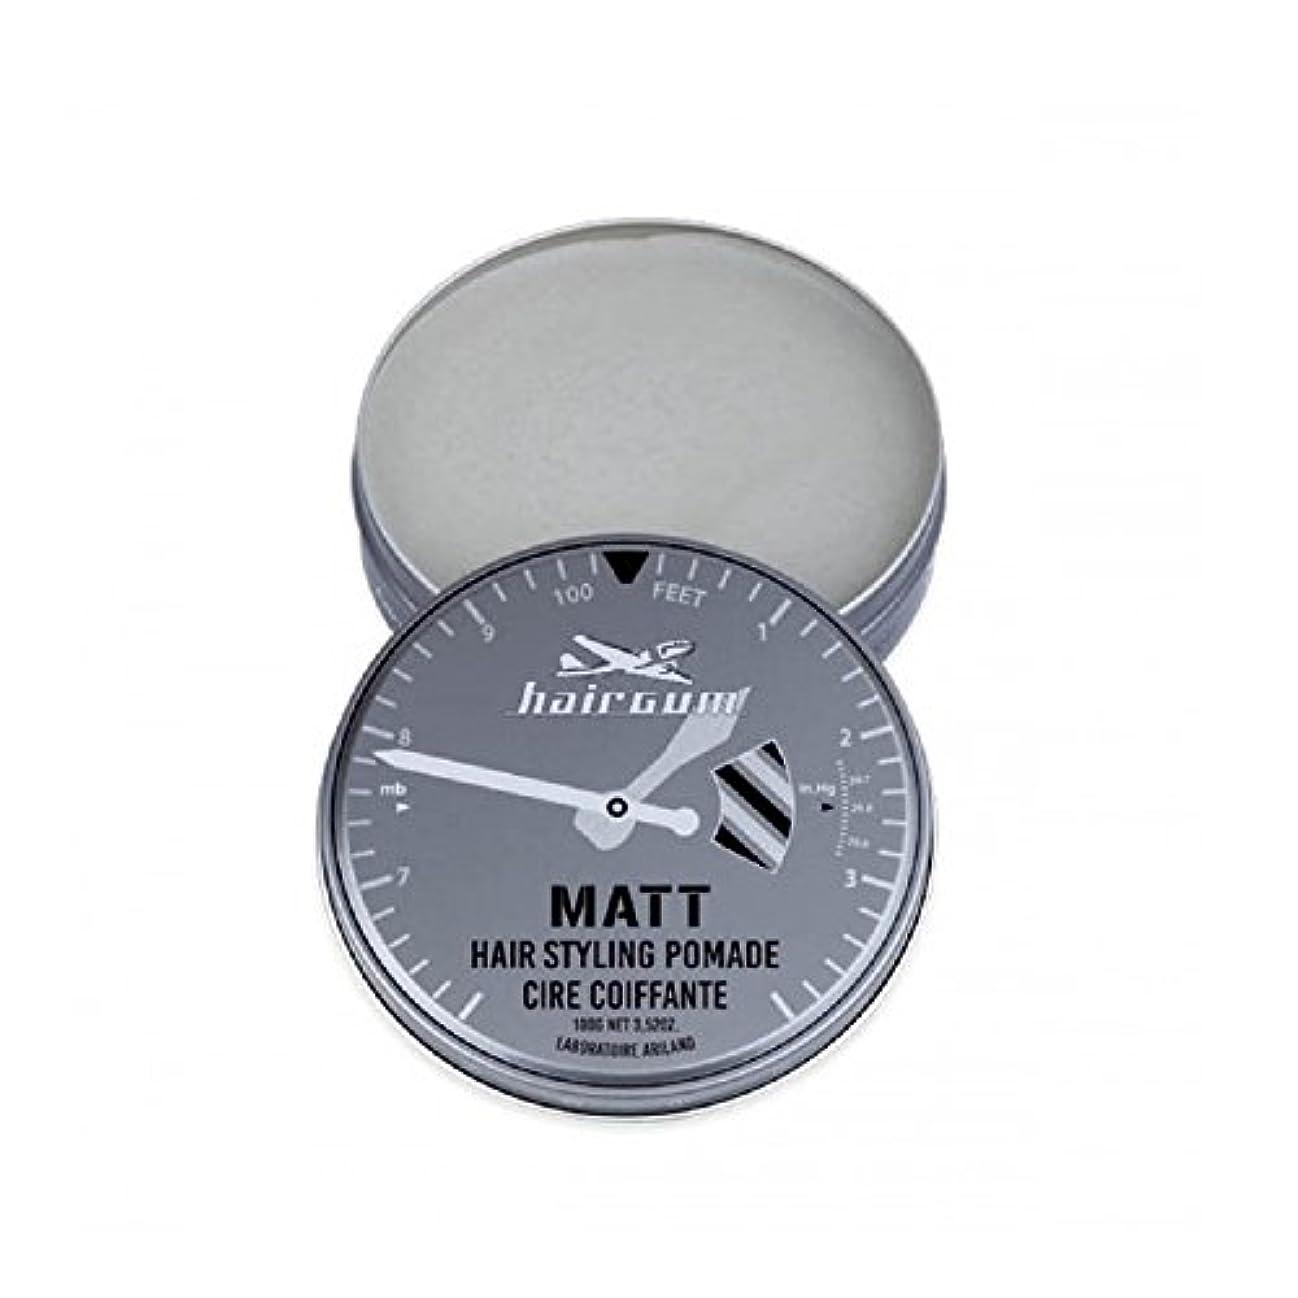 土器スーダン暴君hairgum(ヘアガム) Matt Pomade 100g ヘアガム マット 油性 ポマード グリース